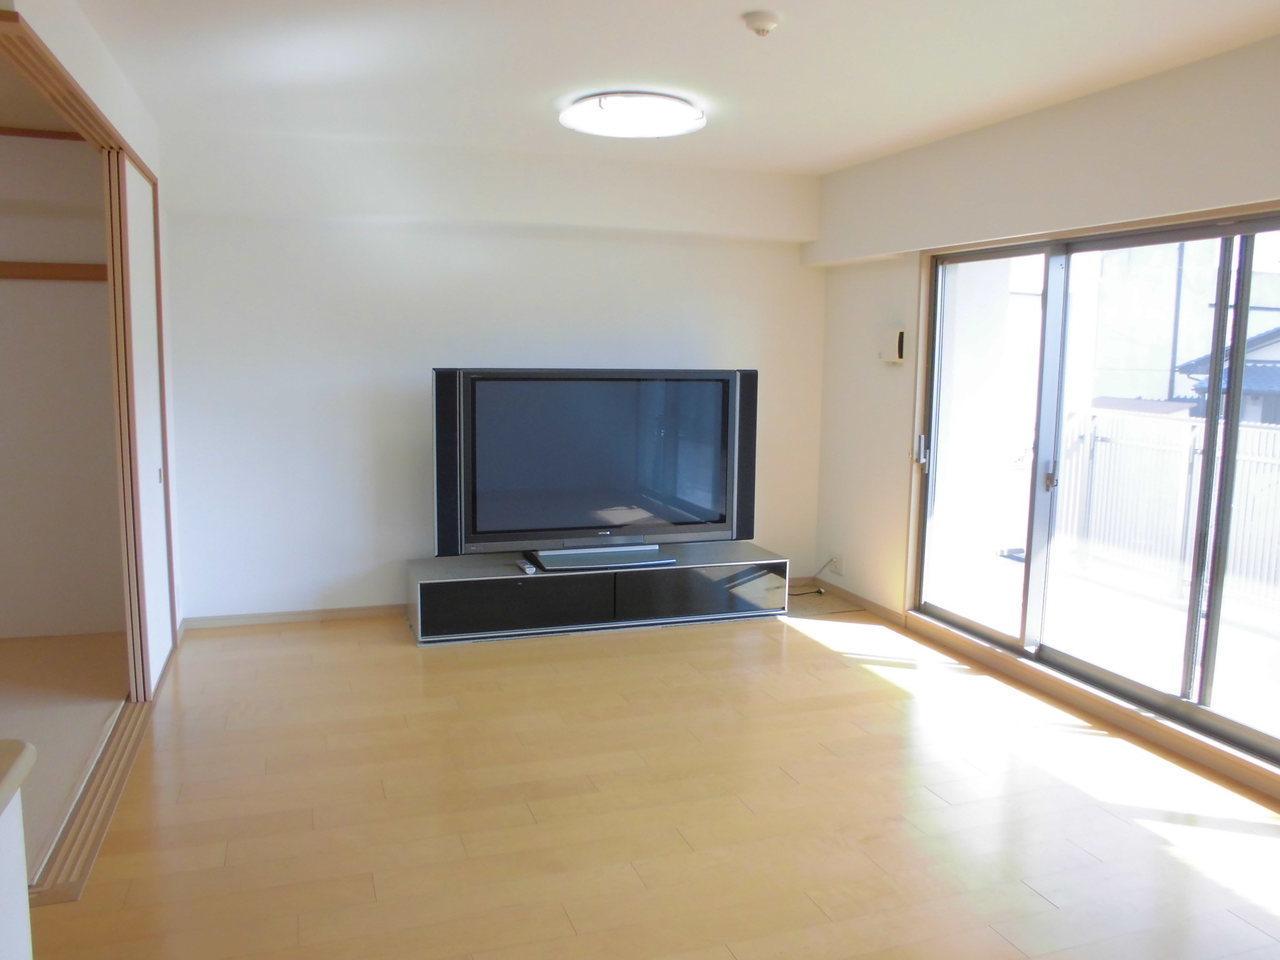 テレビやソファーなどが配置しやすい間取りです。壁掛けのテレビもお洒落でいいかも!?